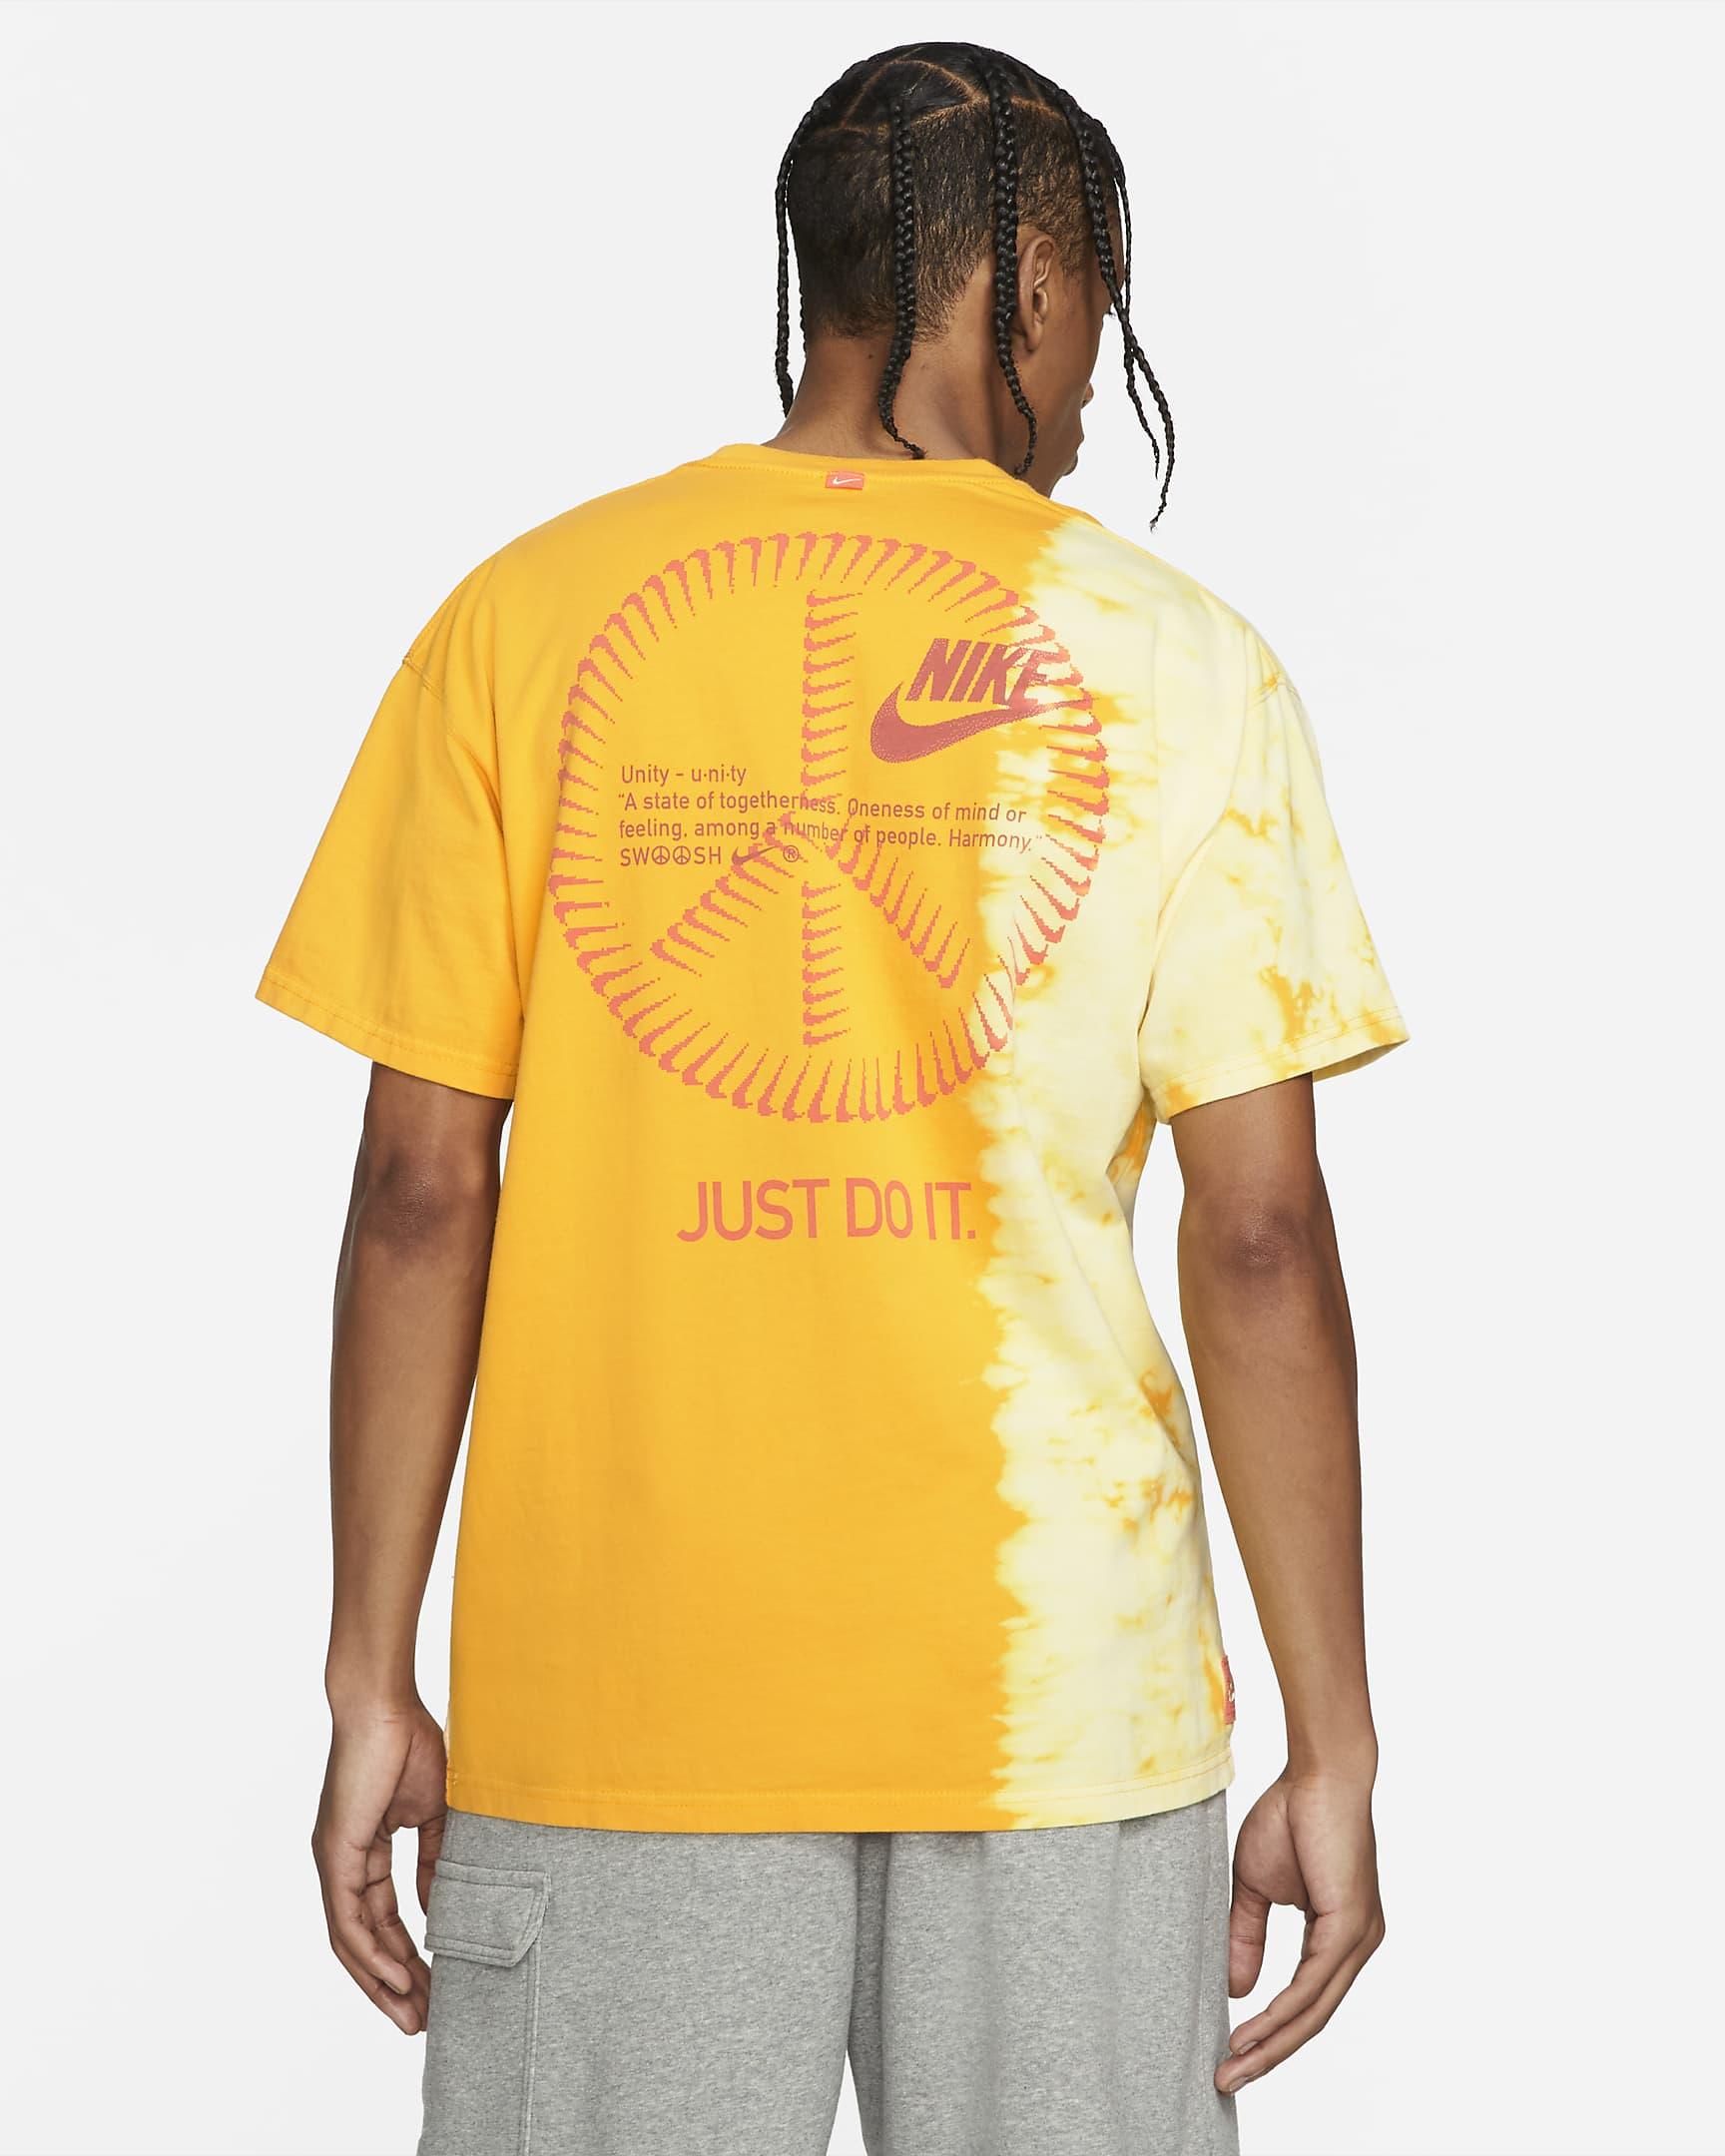 sportswear-max90-mens-t-shirt-SzZ6t9-1.png